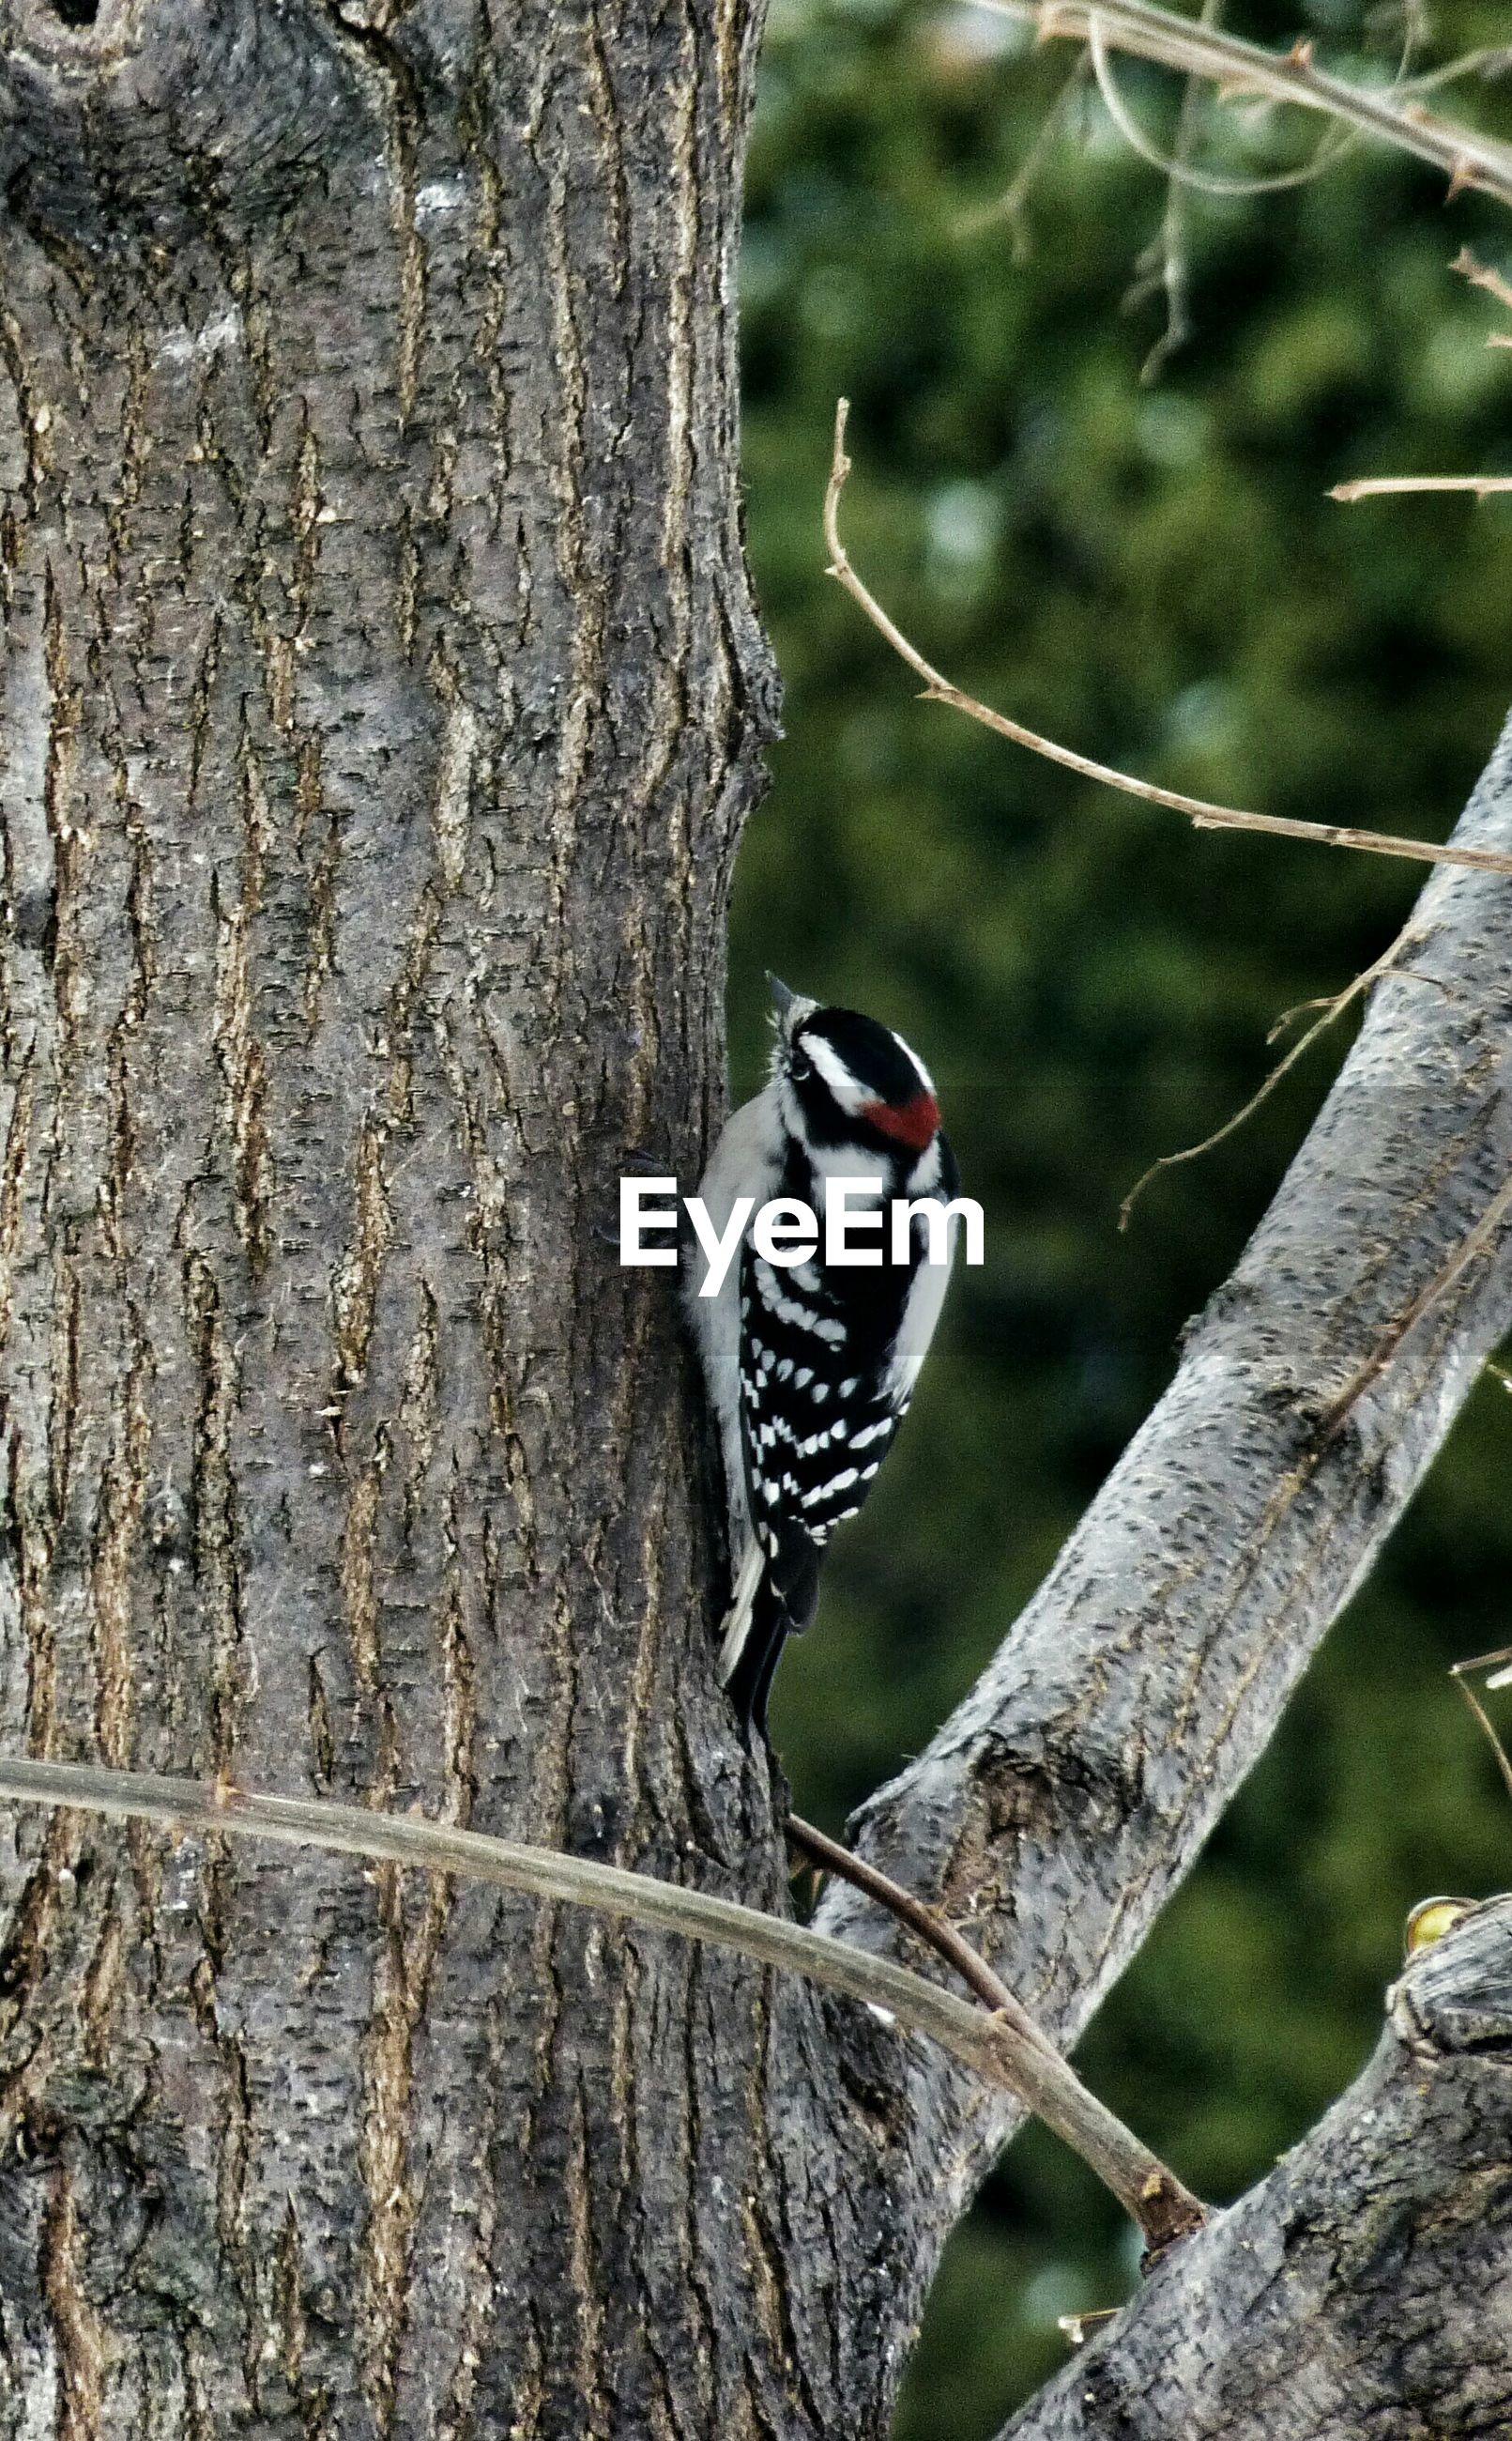 Downy woodpecker perching on tree trunk